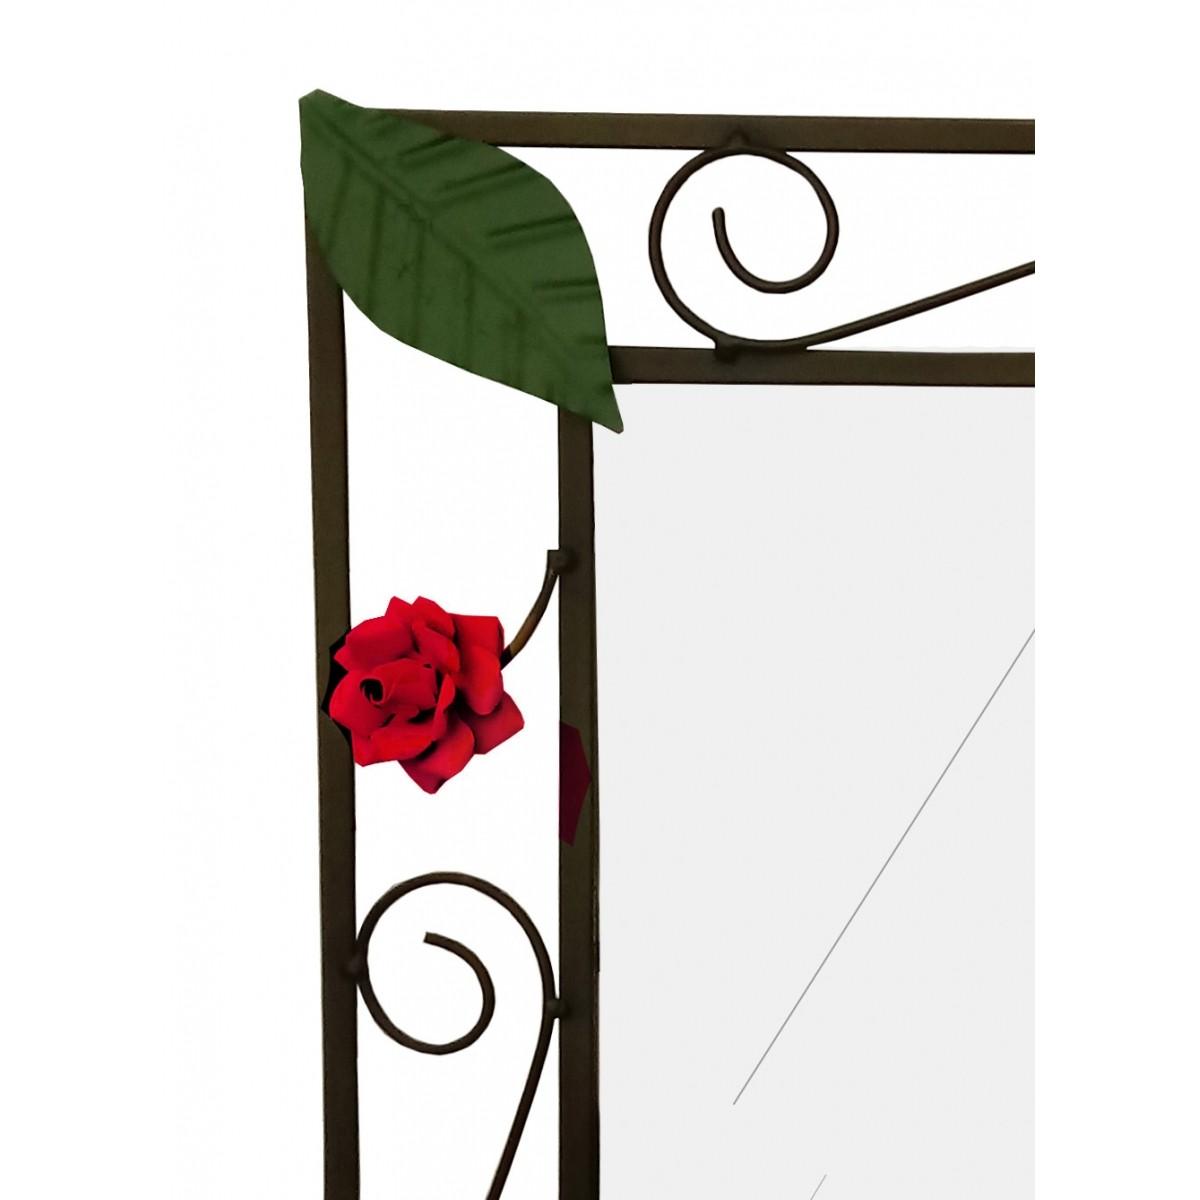 Moldura Espelho Rustica de Ferro de Parede com Flores Artesanais